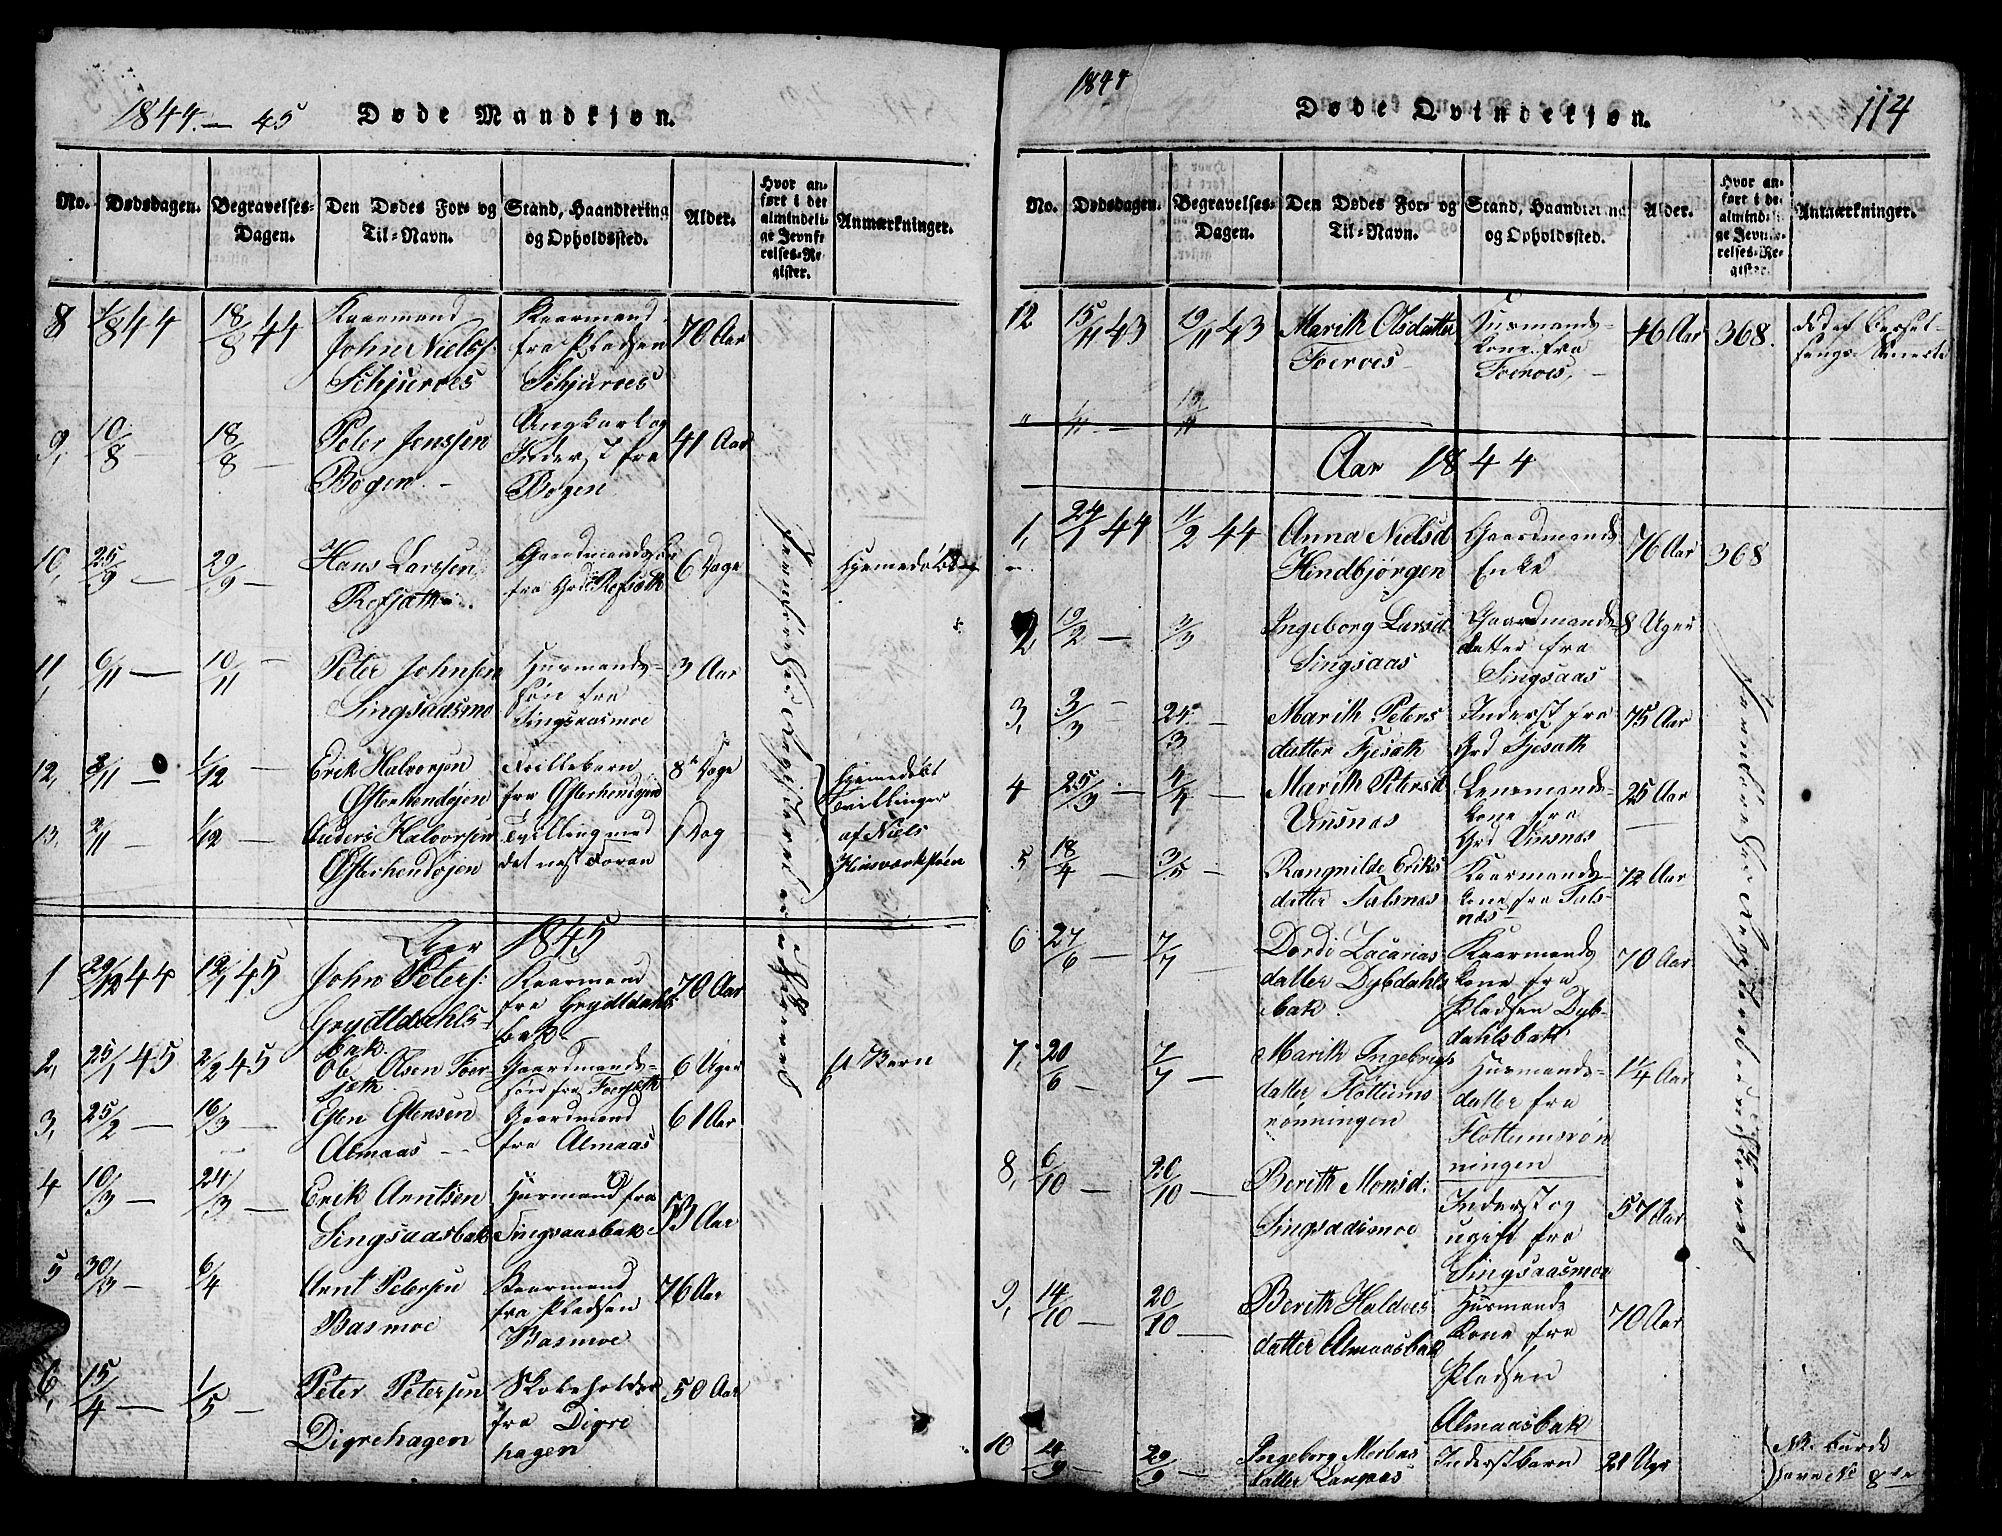 SAT, Ministerialprotokoller, klokkerbøker og fødselsregistre - Sør-Trøndelag, 688/L1026: Klokkerbok nr. 688C01, 1817-1860, s. 114